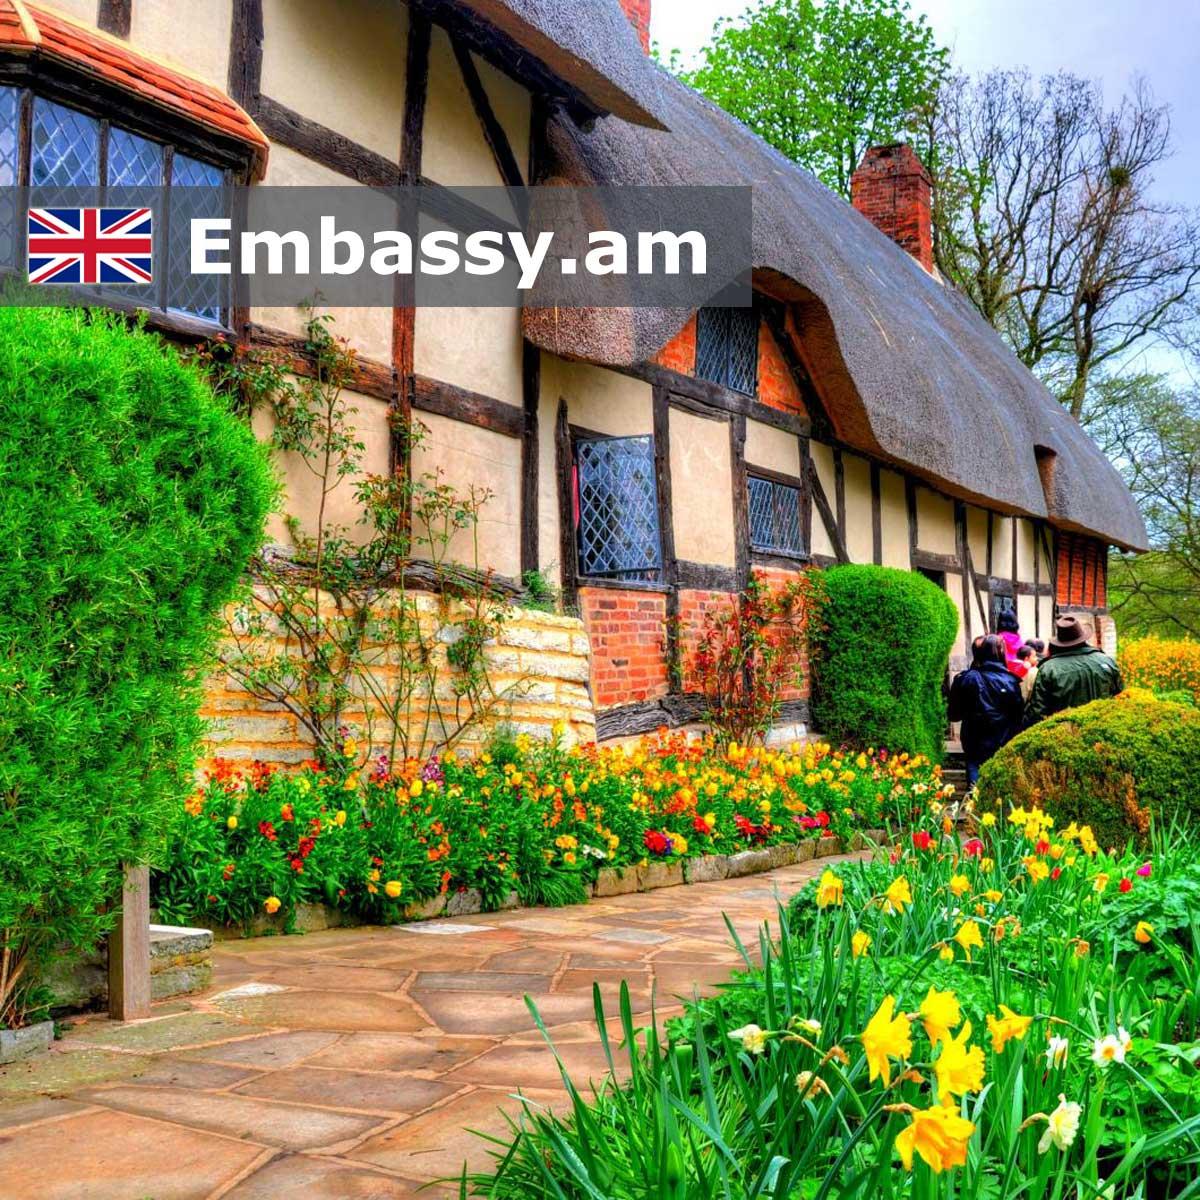 Էյվոնի Ստրատֆորդ - Հյուրանոցներ Միացյալ Թագավորությունում - Embassy.am